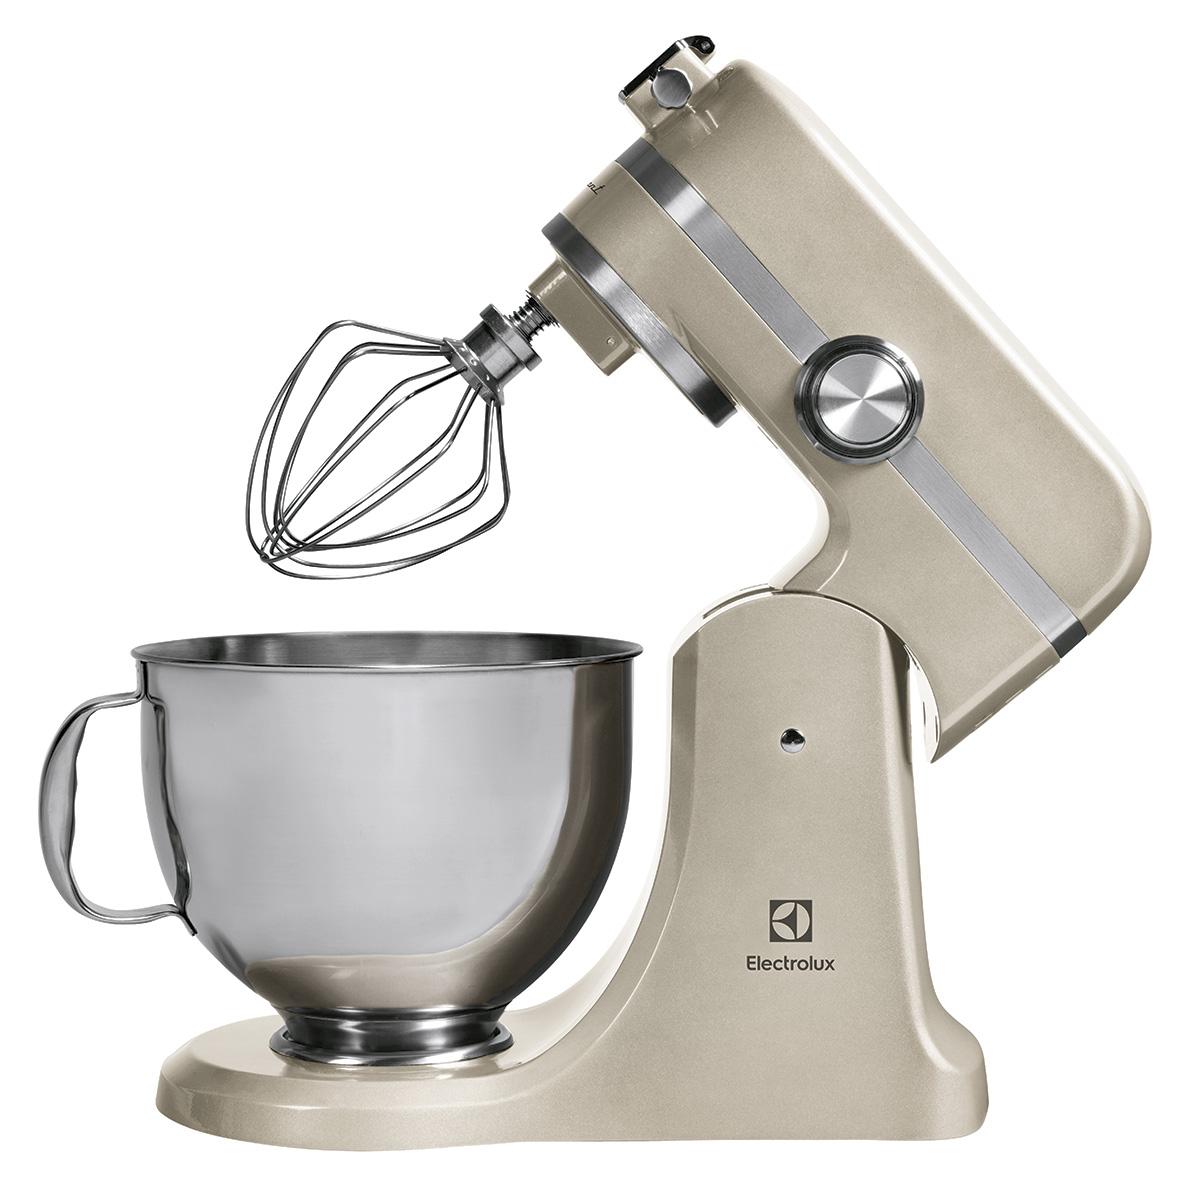 Image of   Electrolux køkkenmaskine - Assistent - Champagne gold